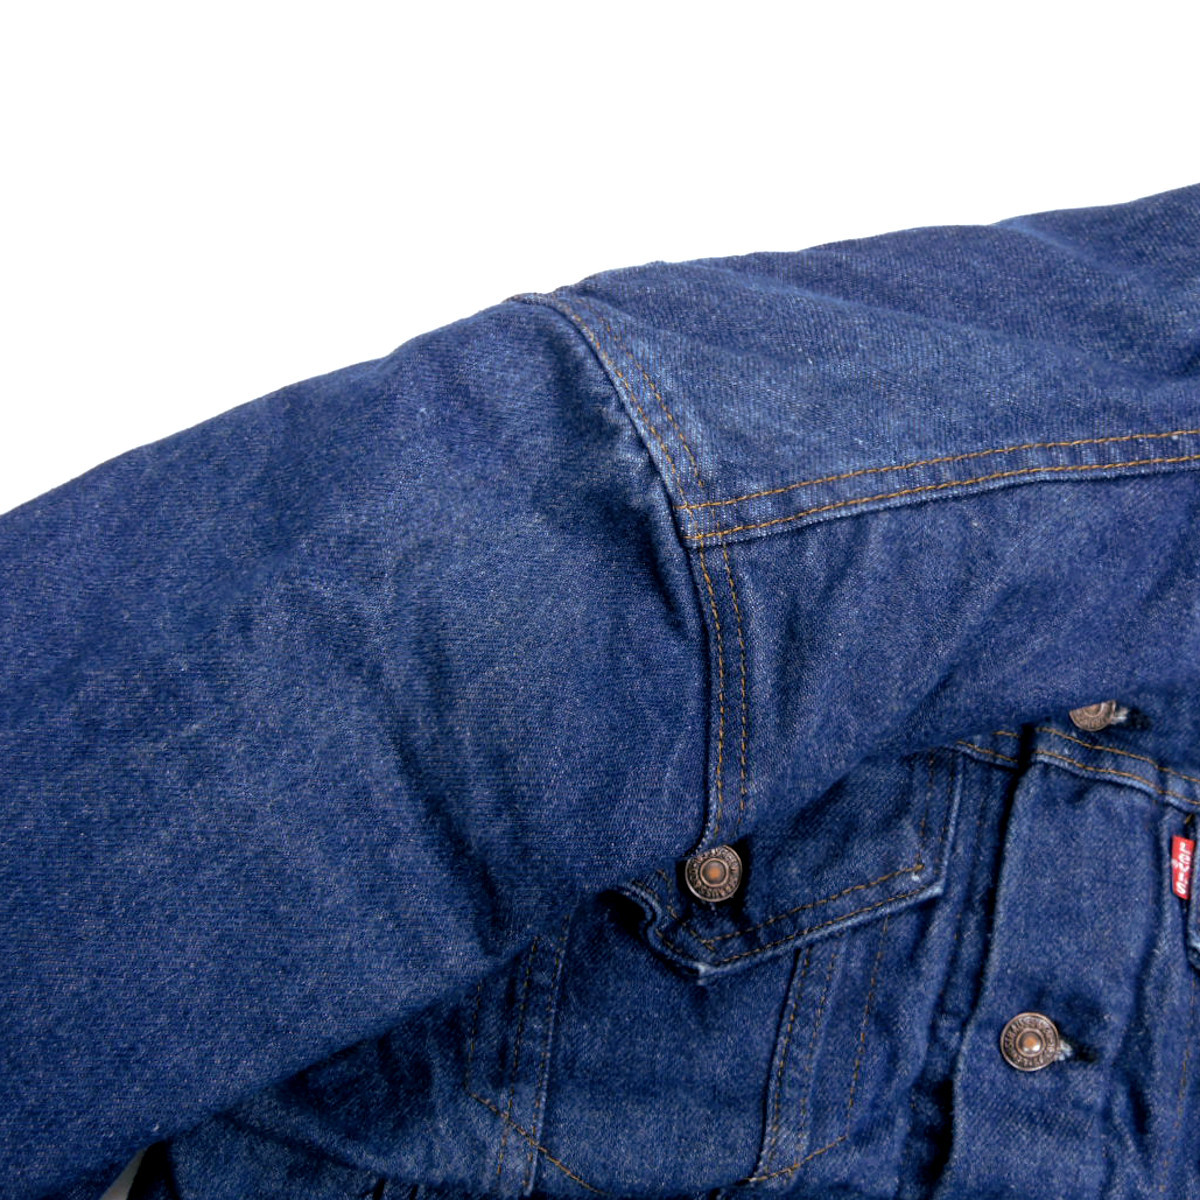 ☆送料無料☆ デッドストック 80s ビンテージ LEVIS リーバイス 70506 USA製 デニム ジャケット Gジャン ジージャン ブランケット 古着_画像8